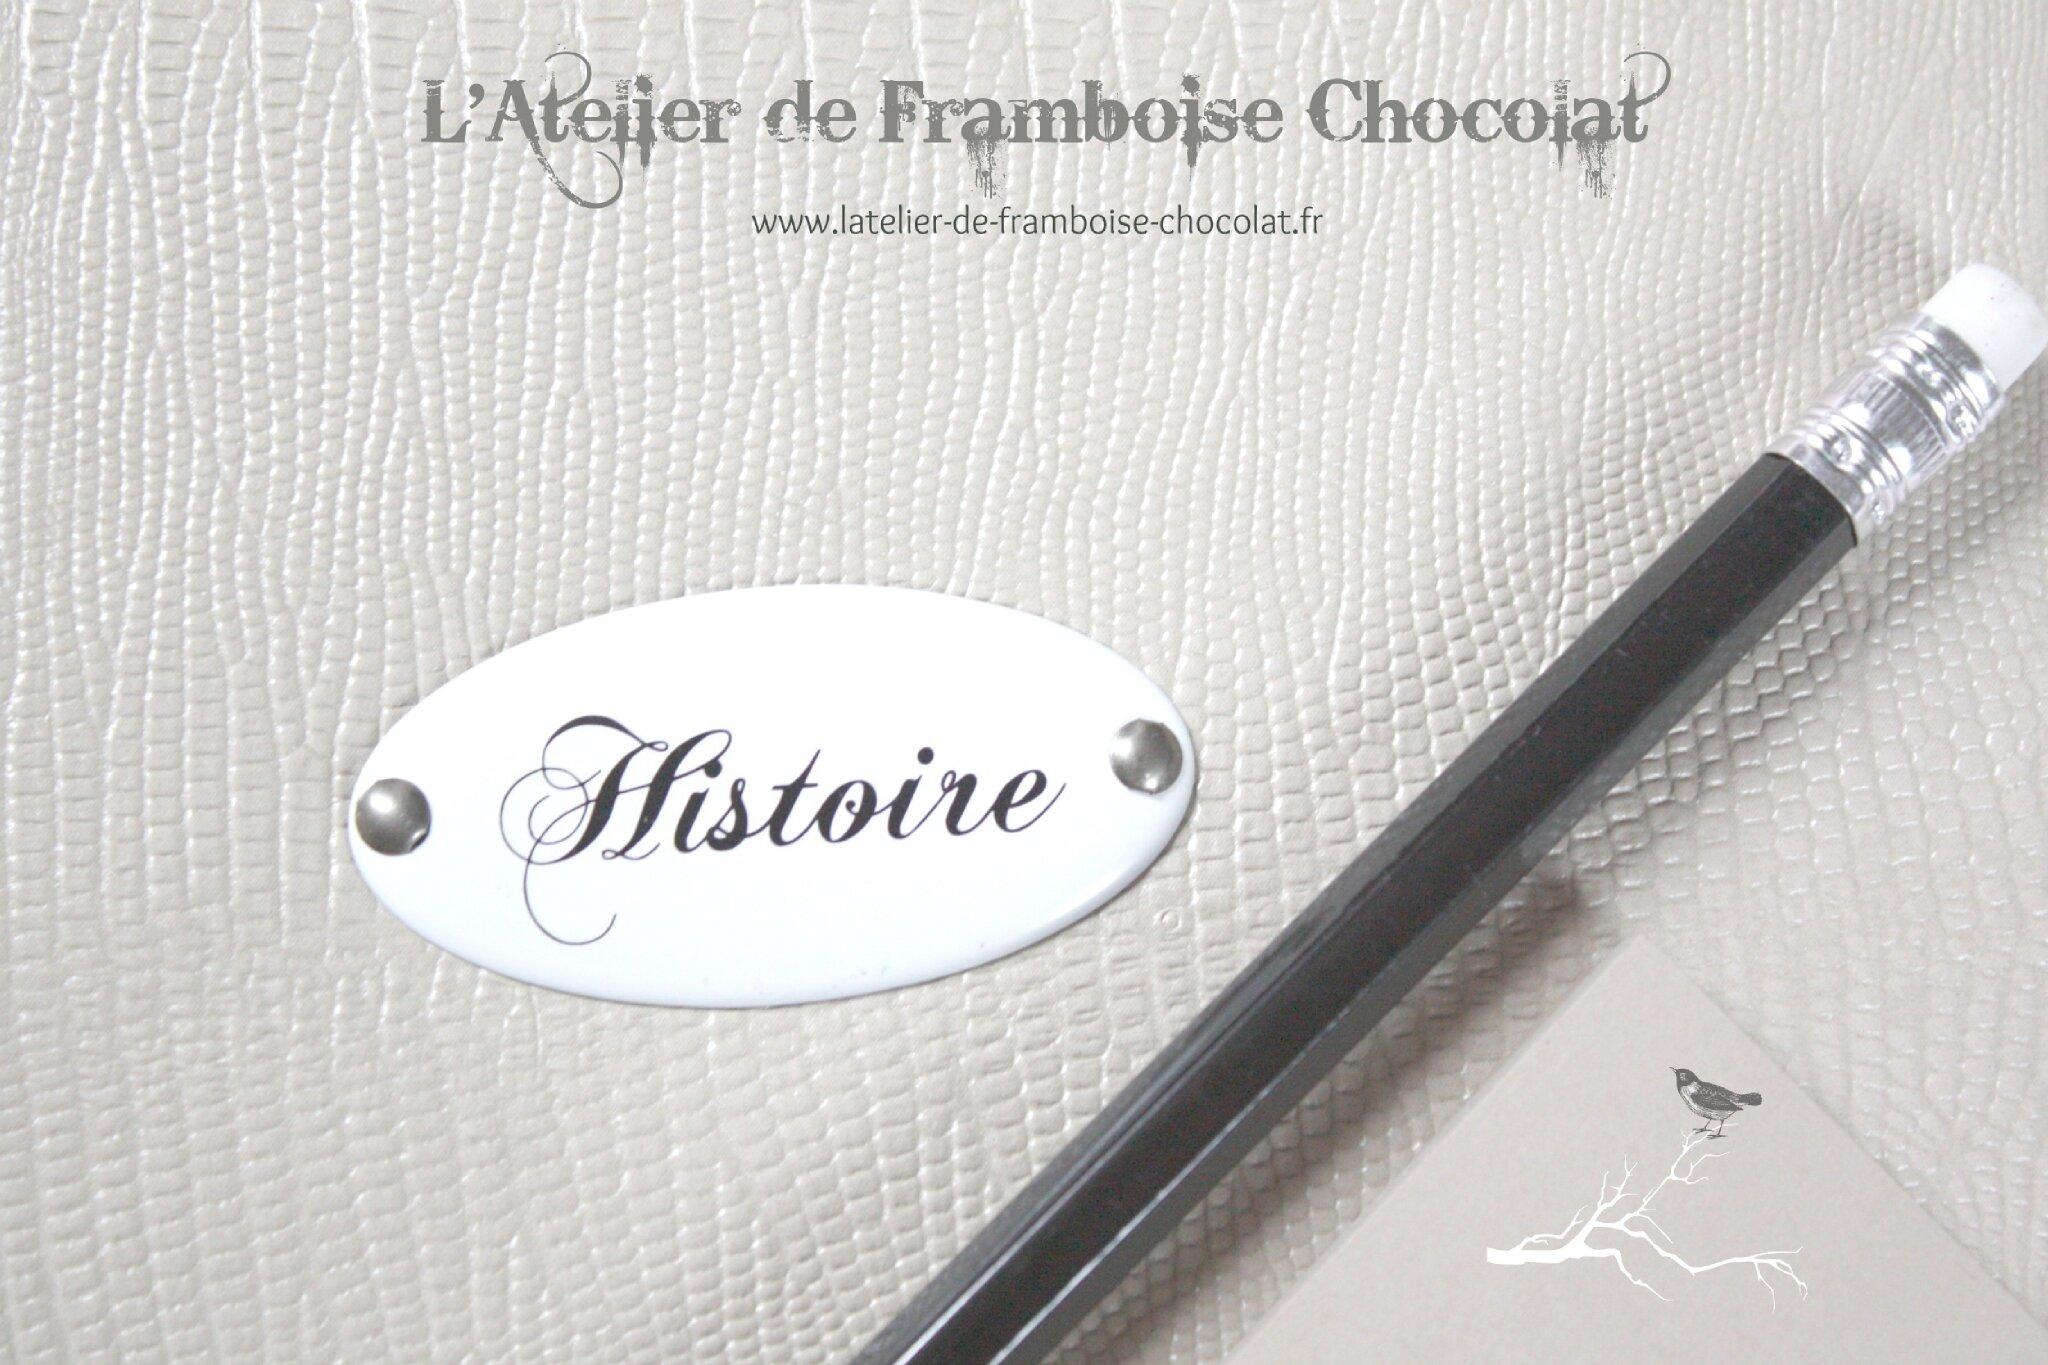 Agenda 2013 2014 L'Atelier de Framboise Chocolat_3